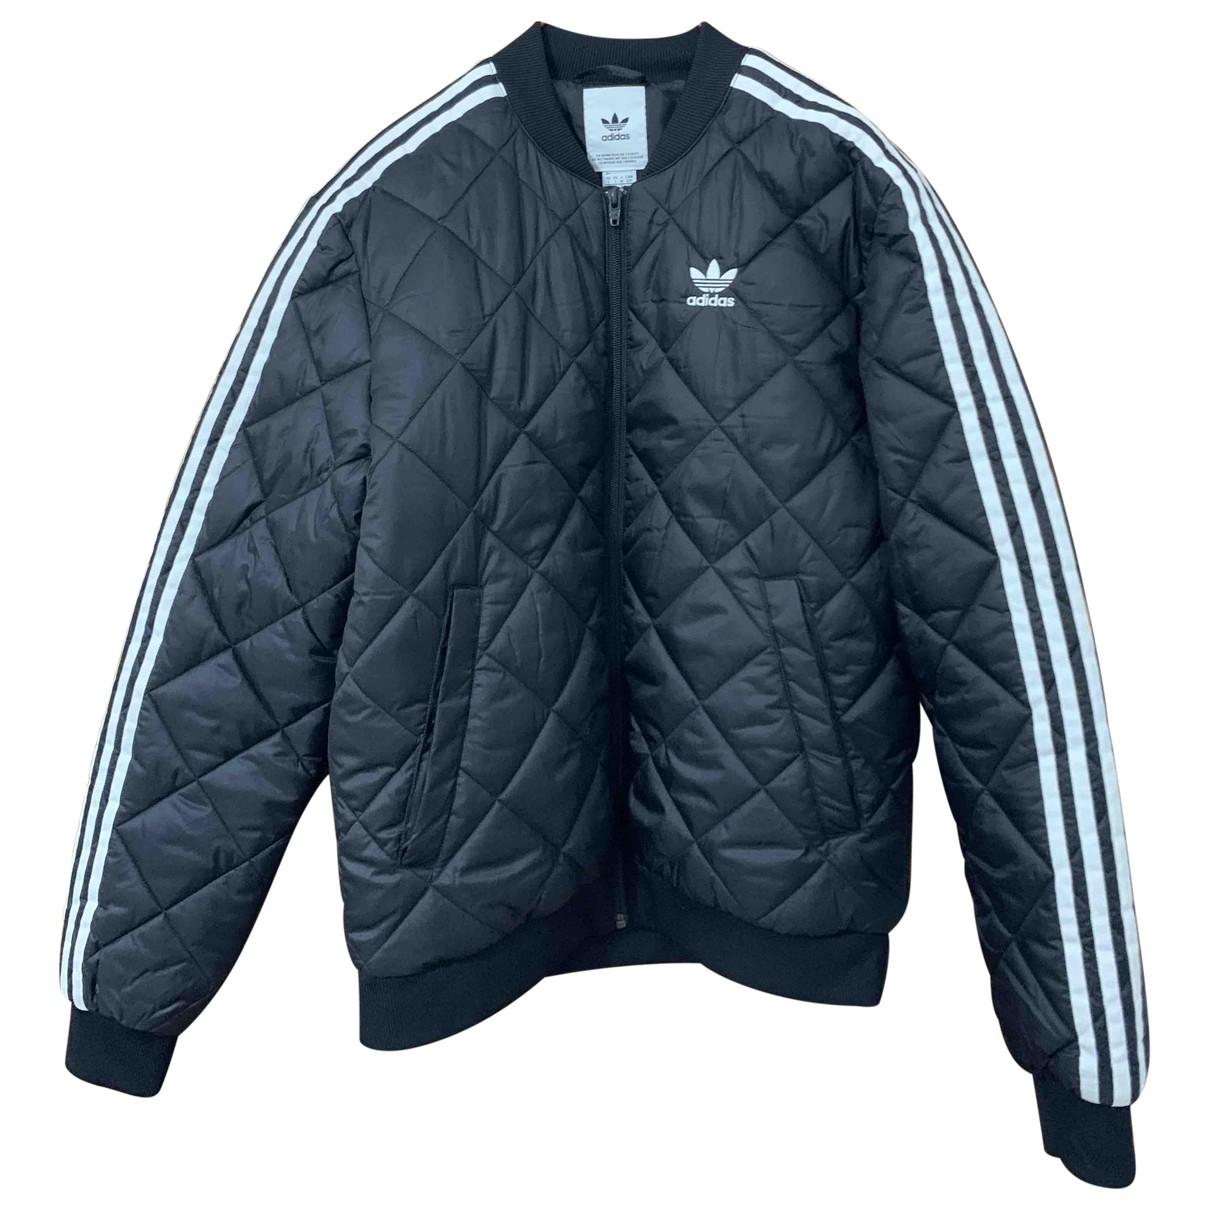 Adidas - Vestes.Blousons   pour homme - noir